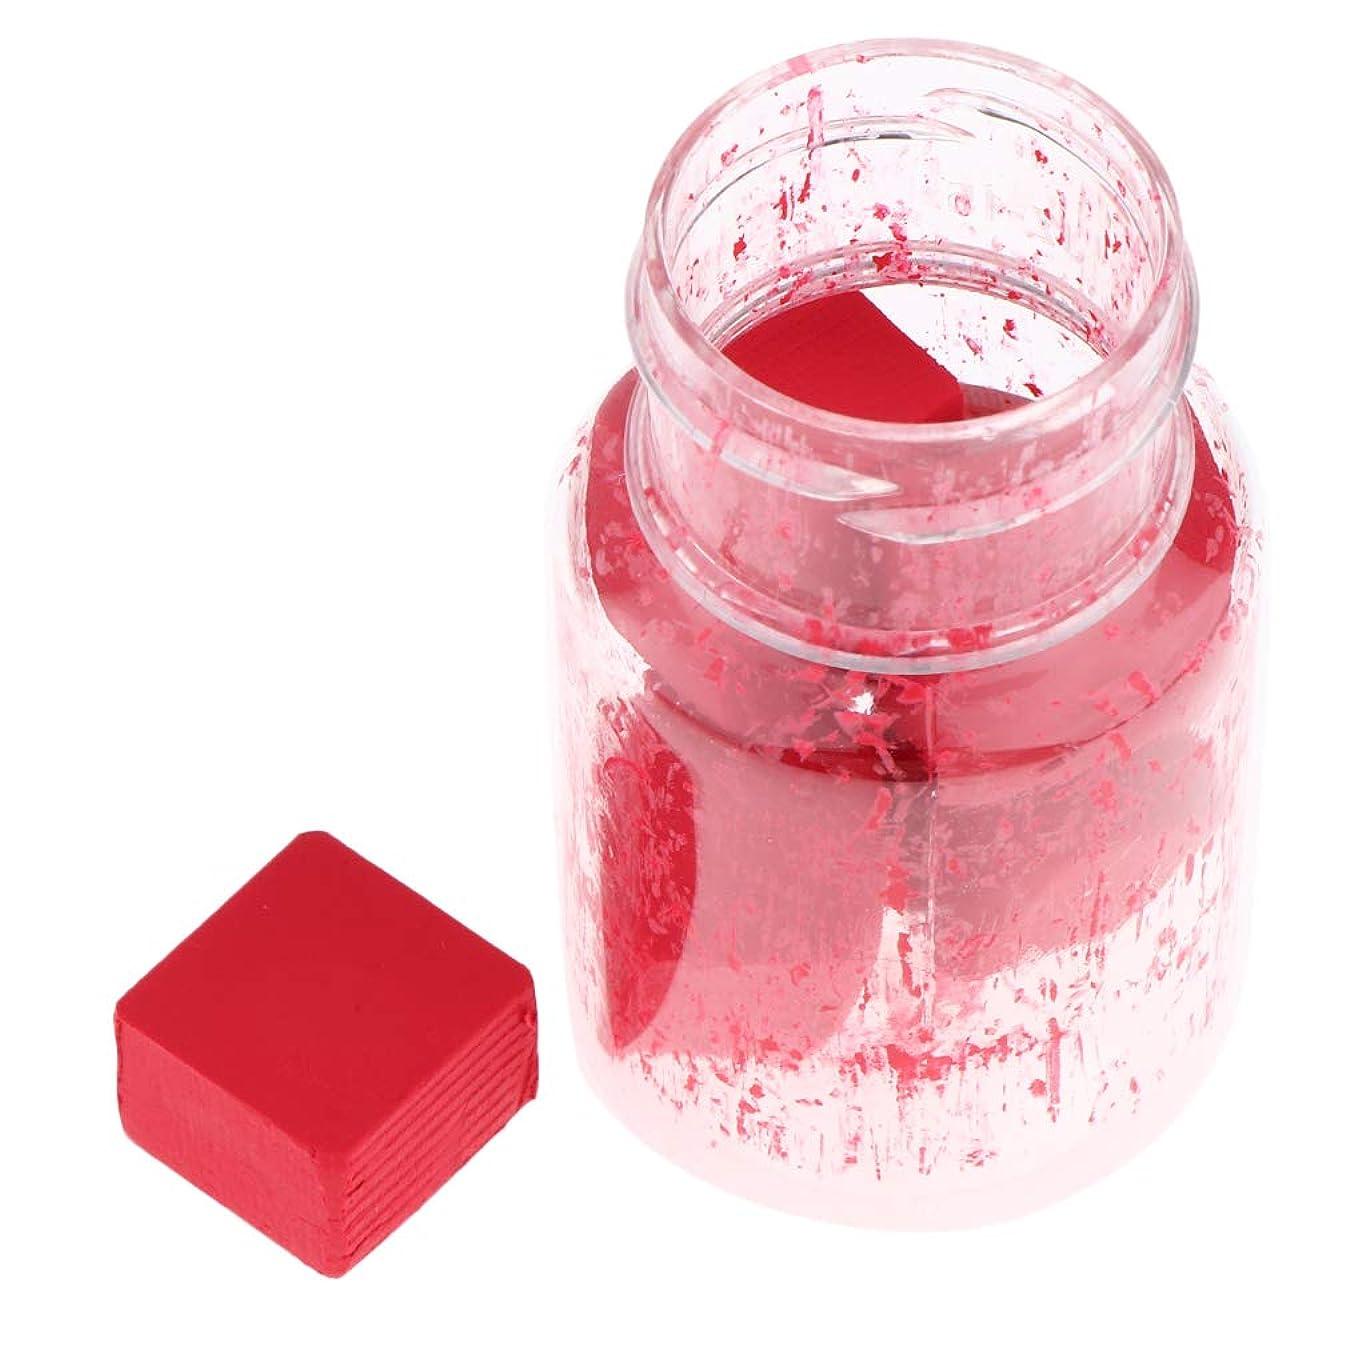 日常的に倍率立証するDIY 口紅作り リップスティック材料 リップライナー顔料 2g DIY化粧品 9色選択でき - B